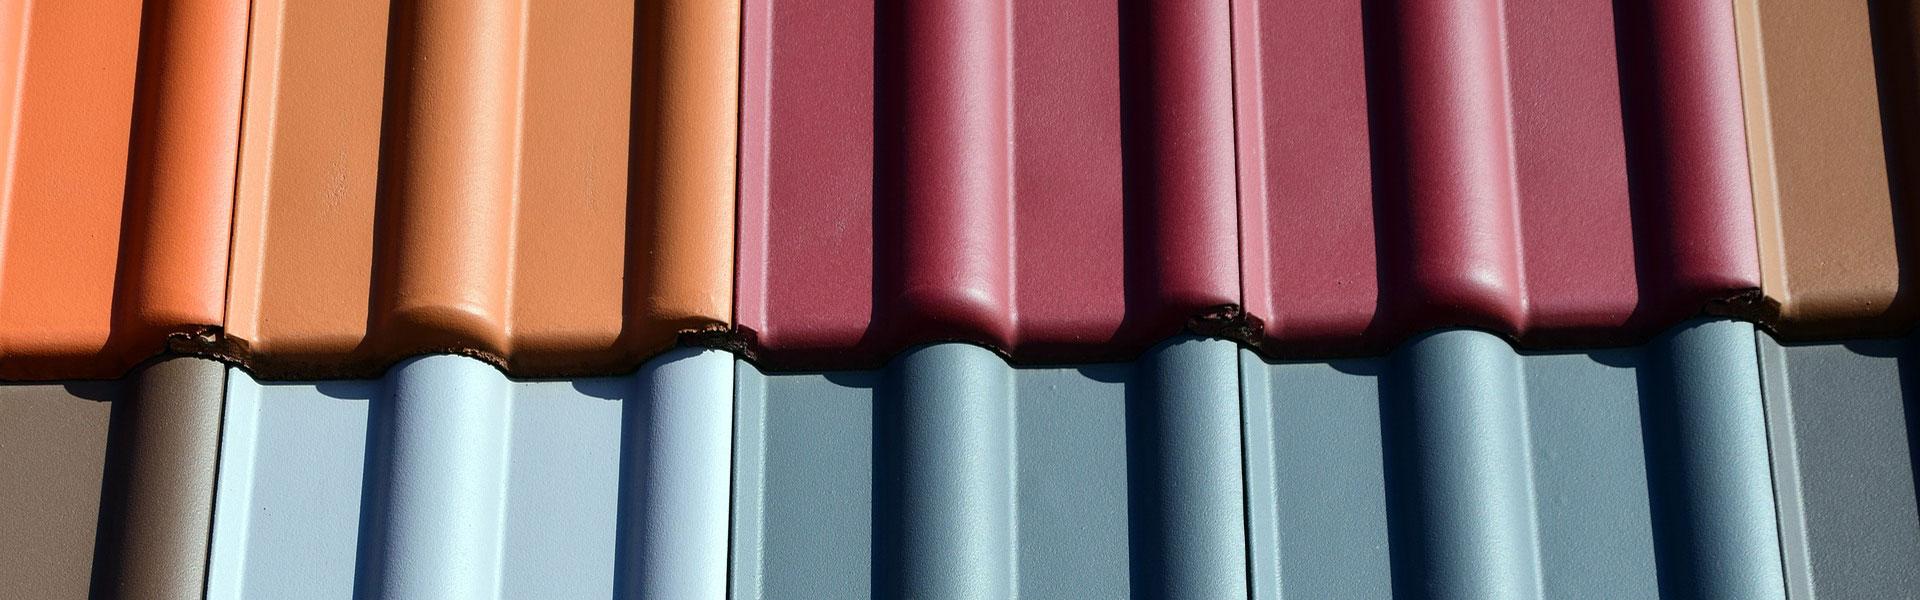 Eine Farbauswahl der Dachziegel